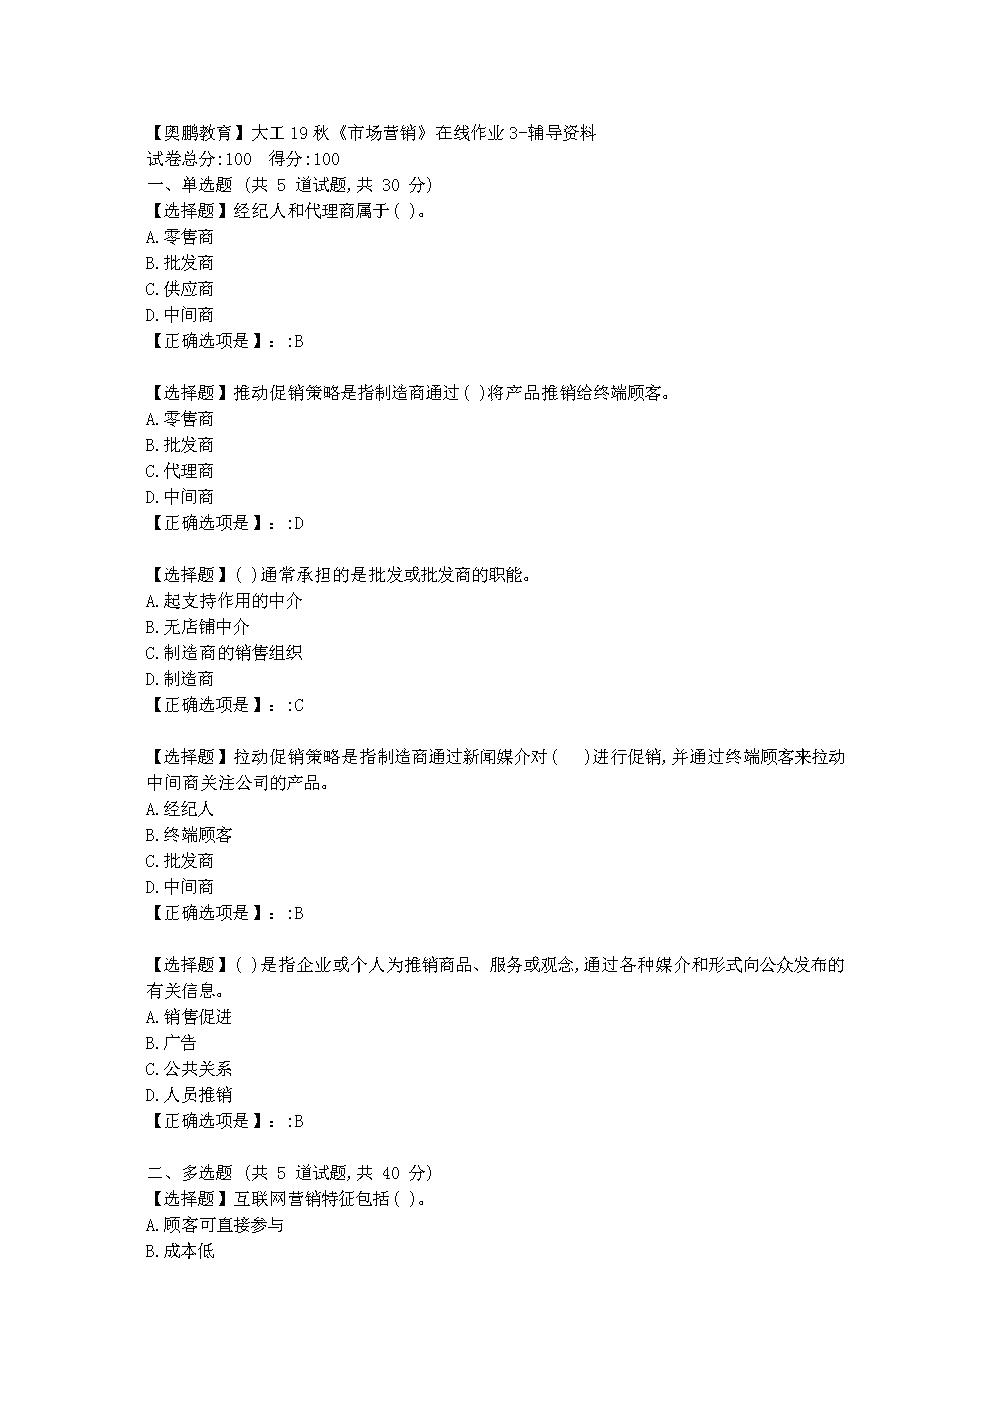 大连理工大学19秋《市场营销》在线作业3学习资料.doc